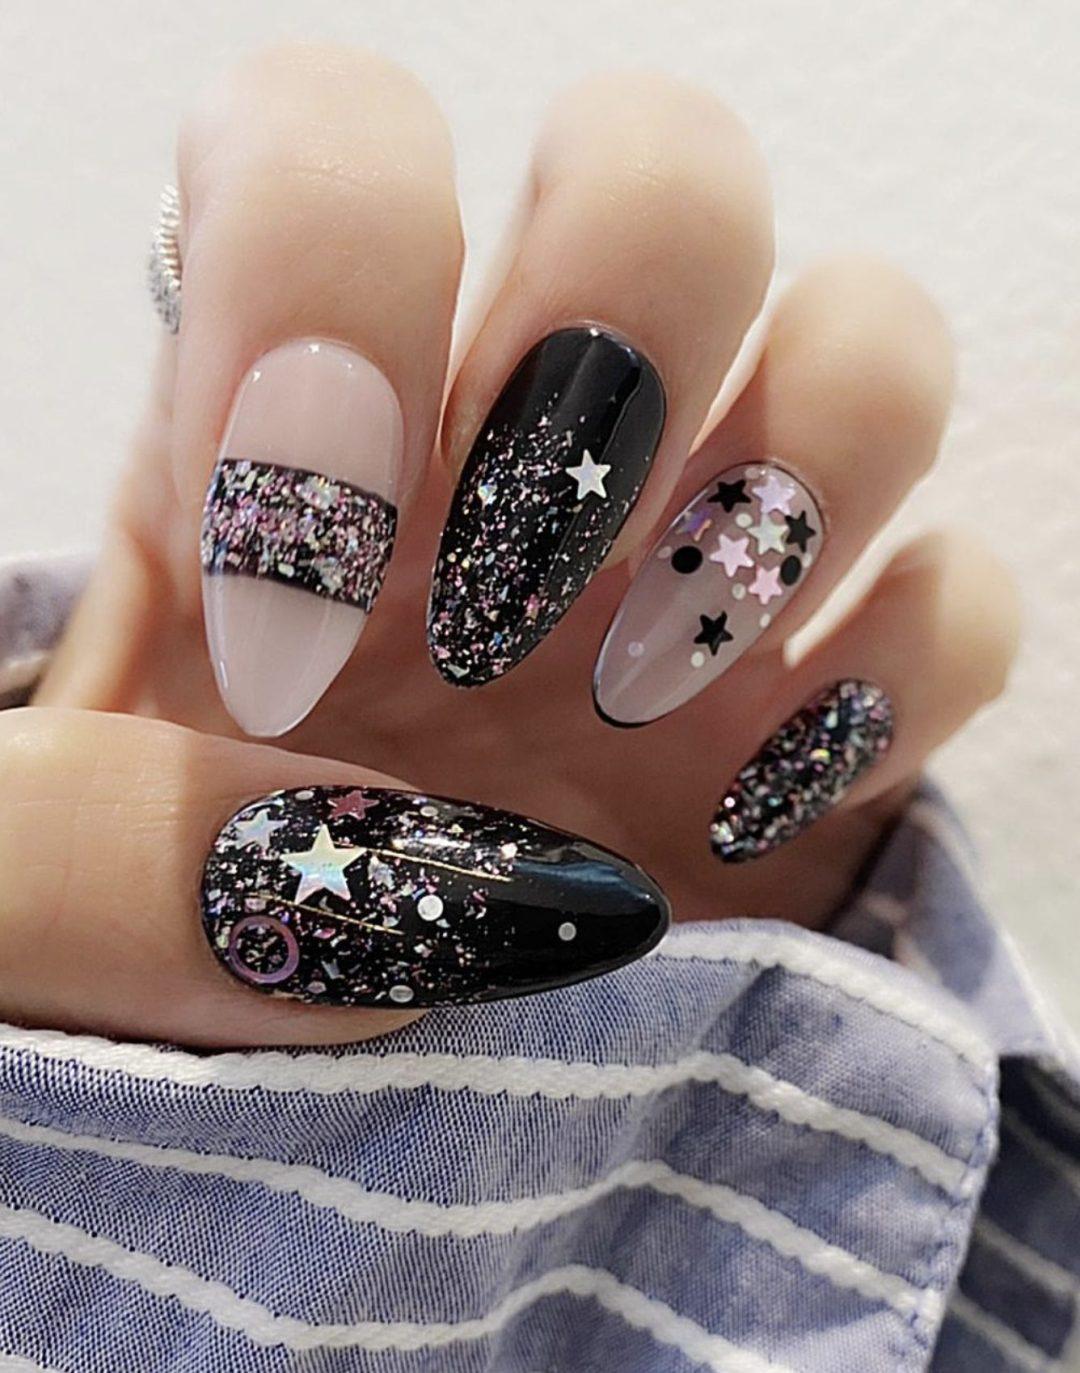 Black star glitter nails